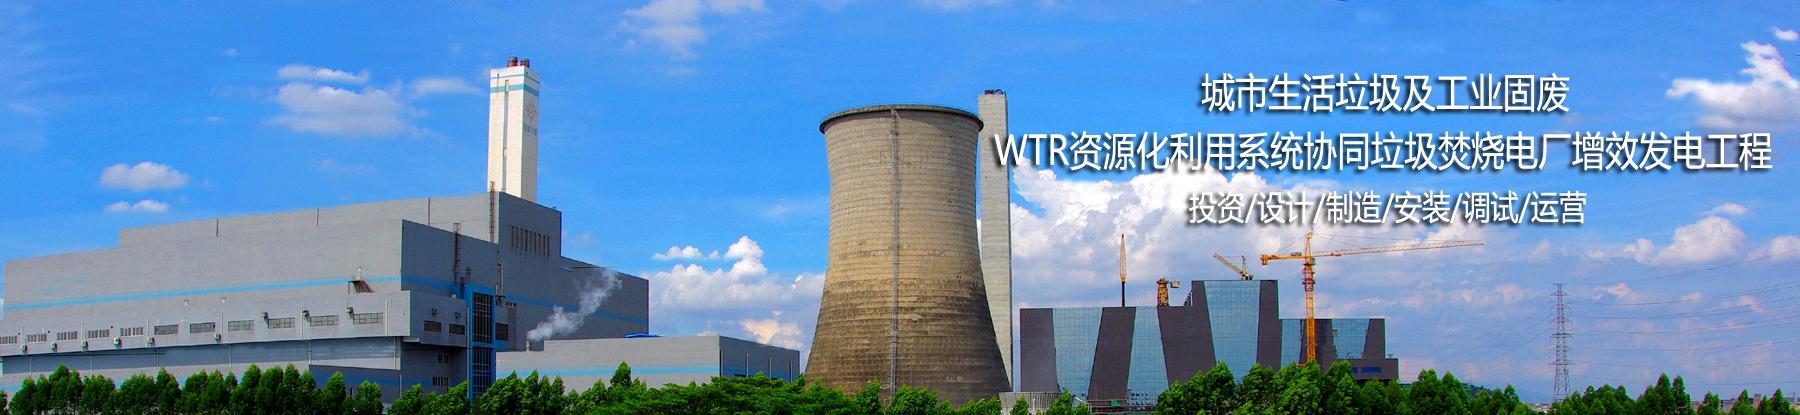 WTR系统协同垃圾焚烧电厂增效发电/热电联产工程